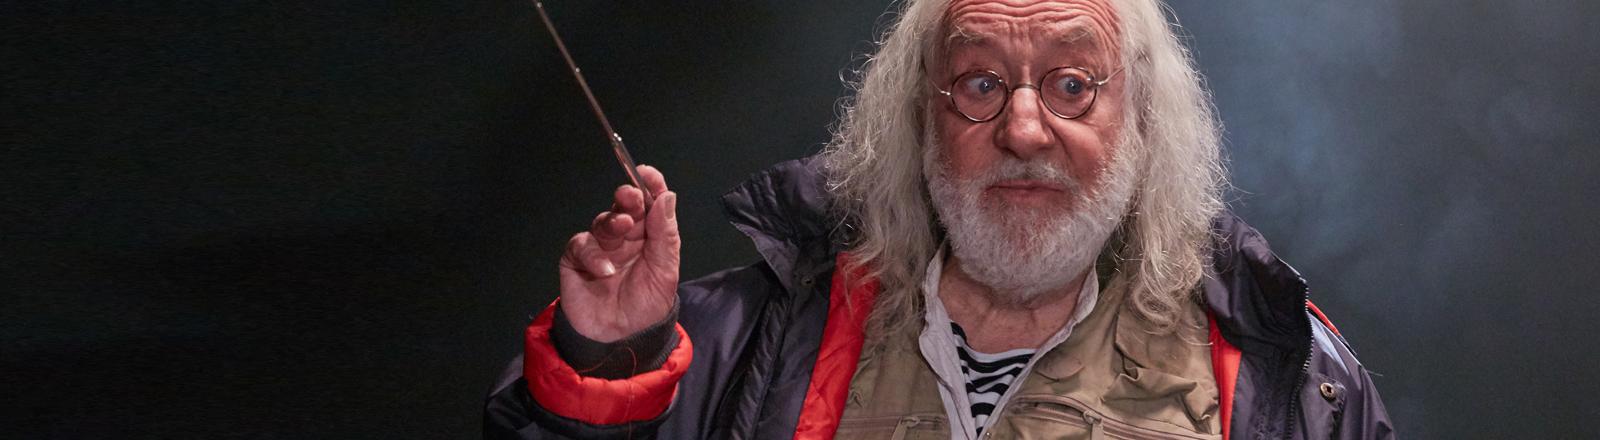 Der Schauspieler Dieter Hallervorden in seiner Rolle als Uwe Hinrichs.